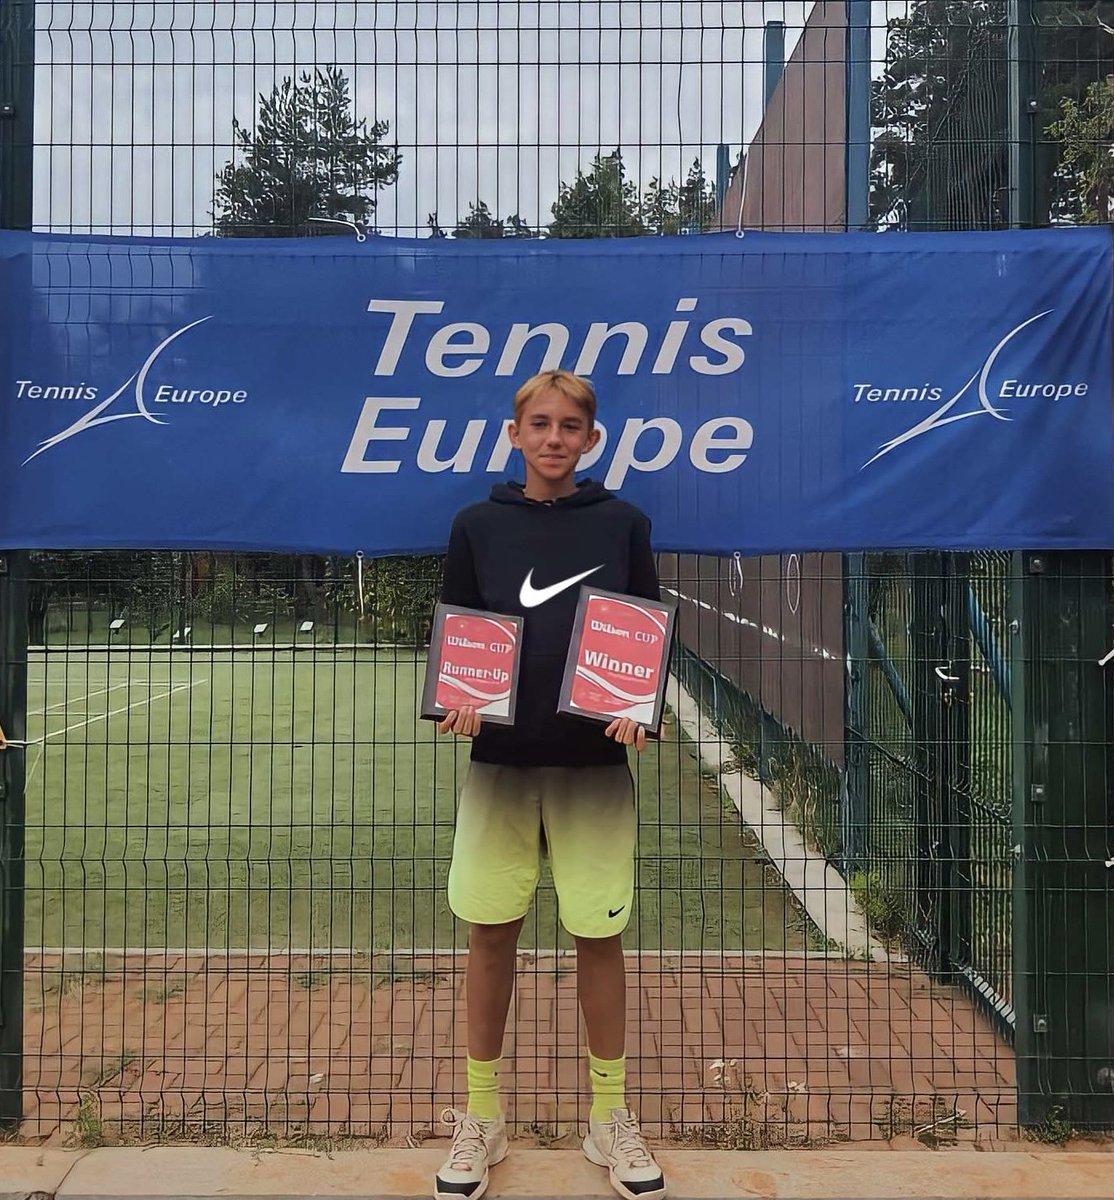 Tebrikler Mustafa Ege 👏 U12 Türkiye Milli Takım oyuncusu öğrencimiz Mustafa Ege Şık, Avrupa Tenis Birliği'nin (Tennis Europe) Ukrayna/Irpin'de düzenlediği Wilson CUP Turnuvasında Teklerde 2., Çiftlerde partneri Martin Khammond ile 1. olarak Turnuva Şampiyonu olmuştur. 🏆